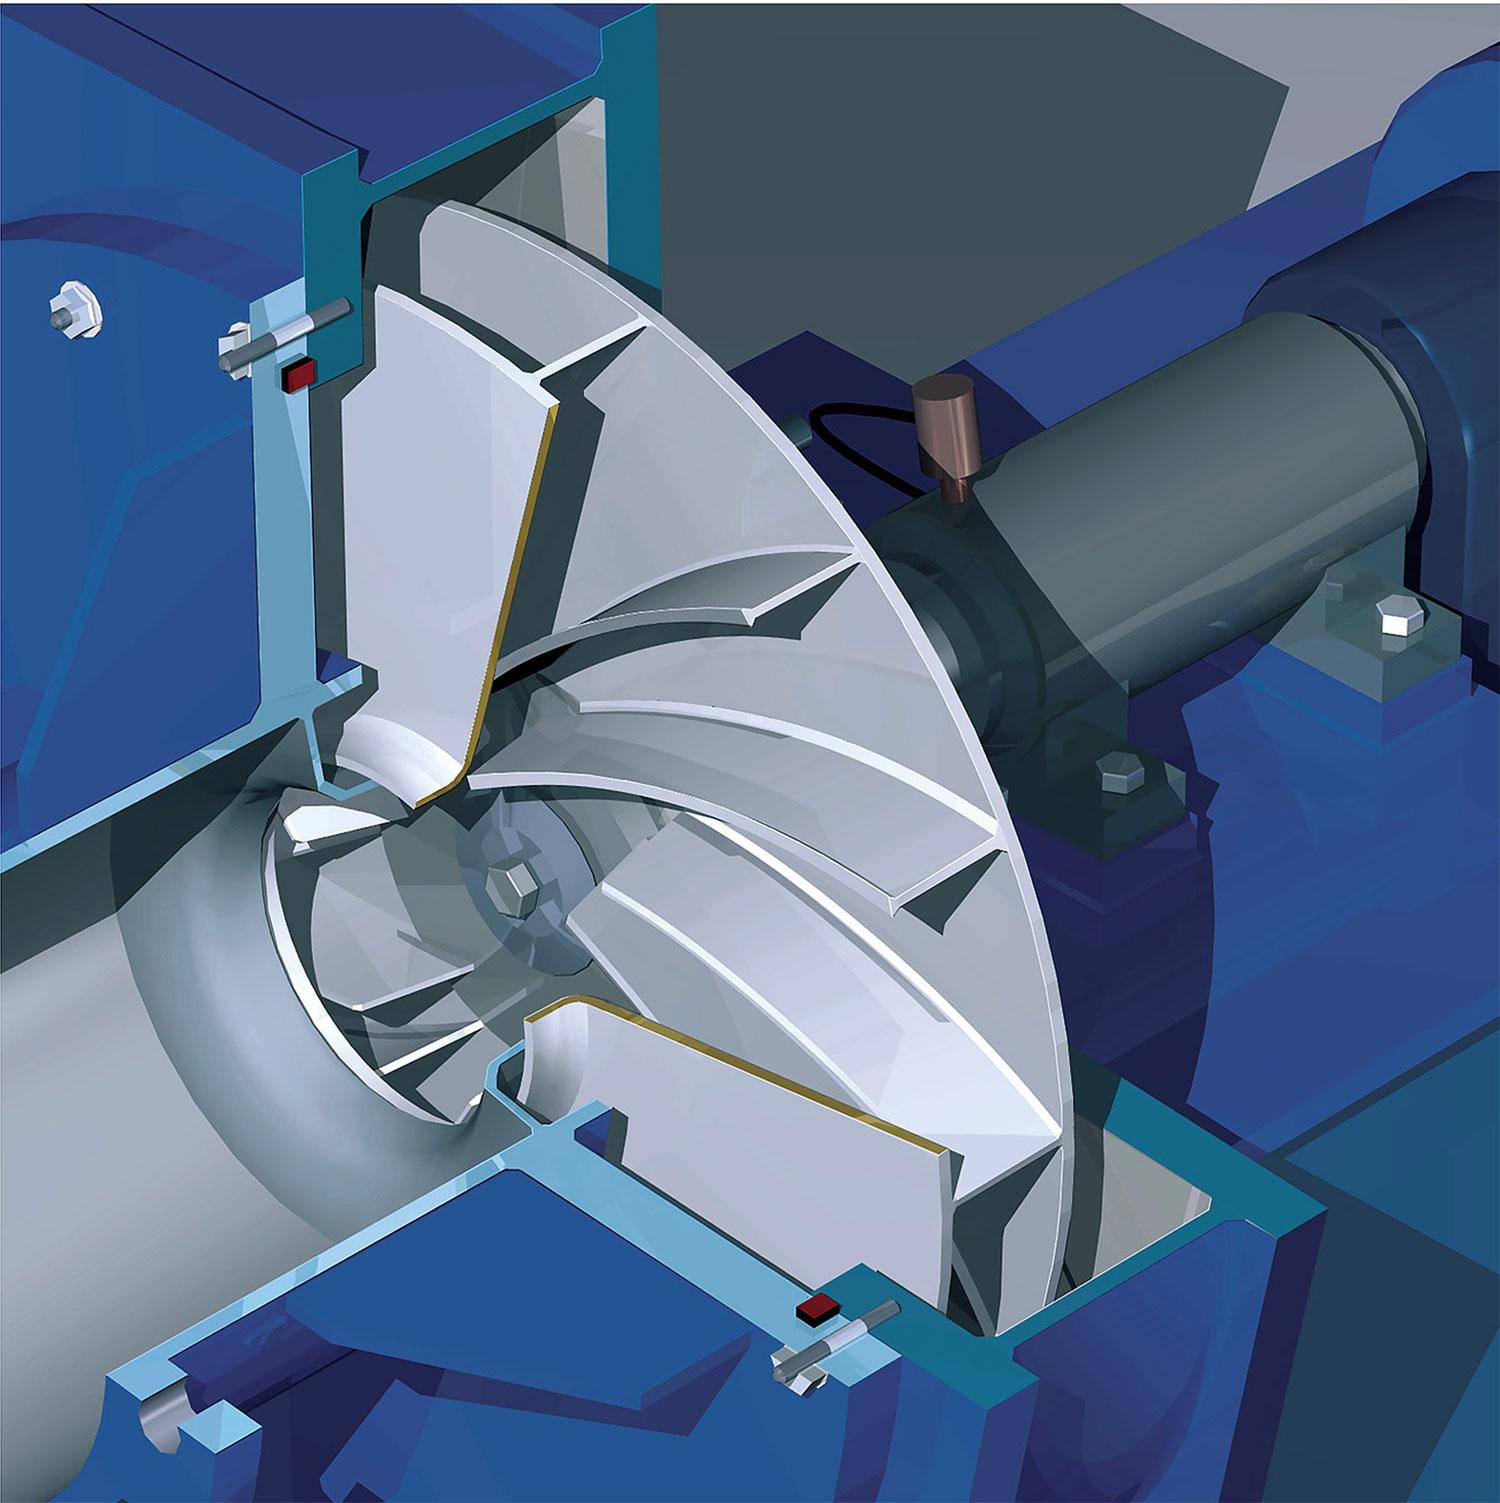 compressor-cad-model